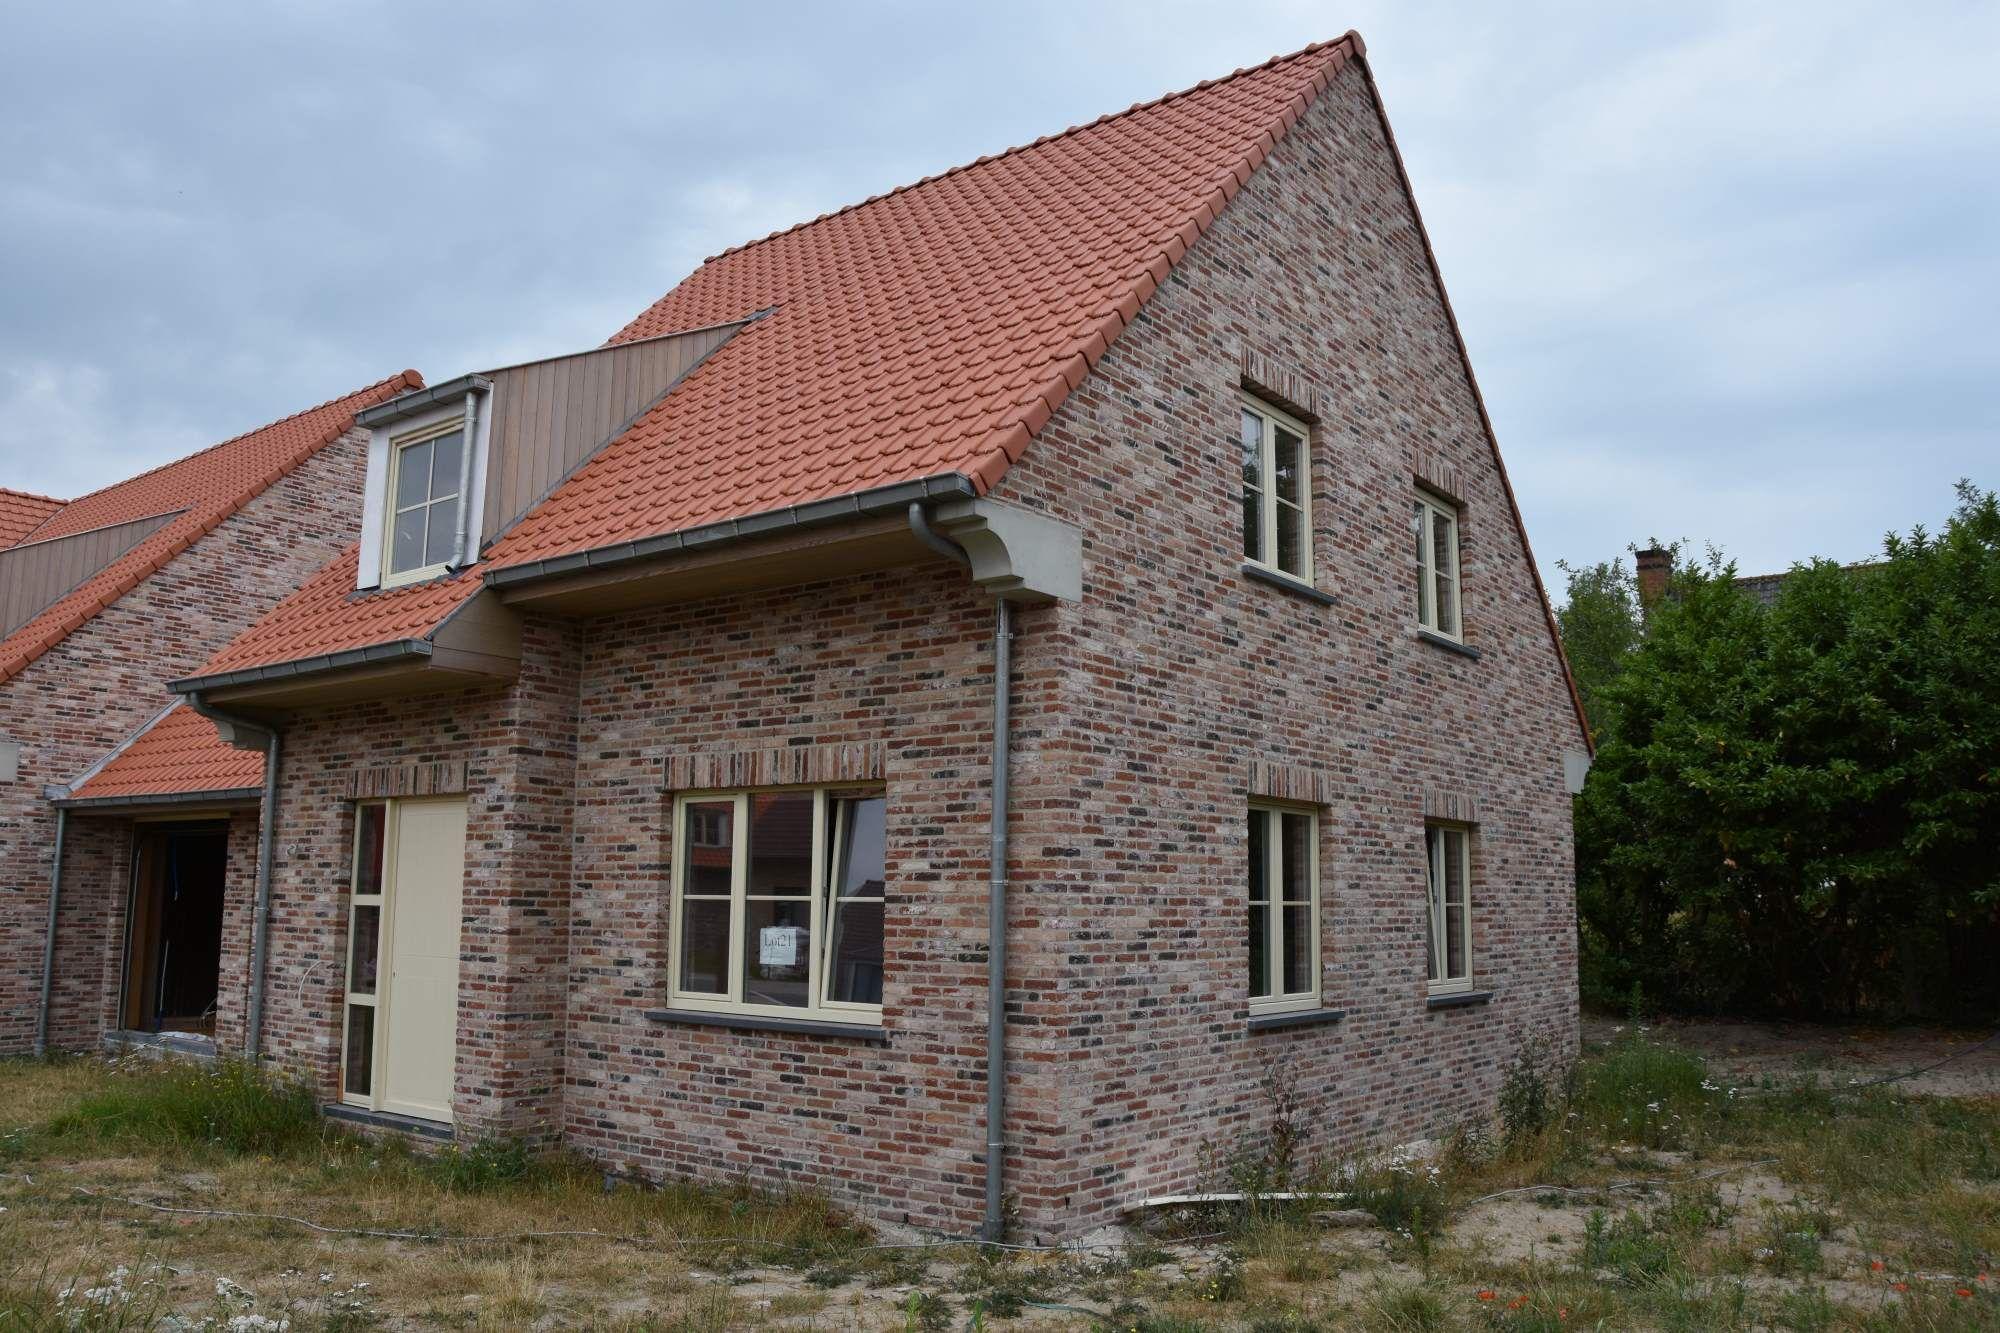 Nieuwbouw woning Gustaaf Buffelstraat Nieuwpoort - 6522